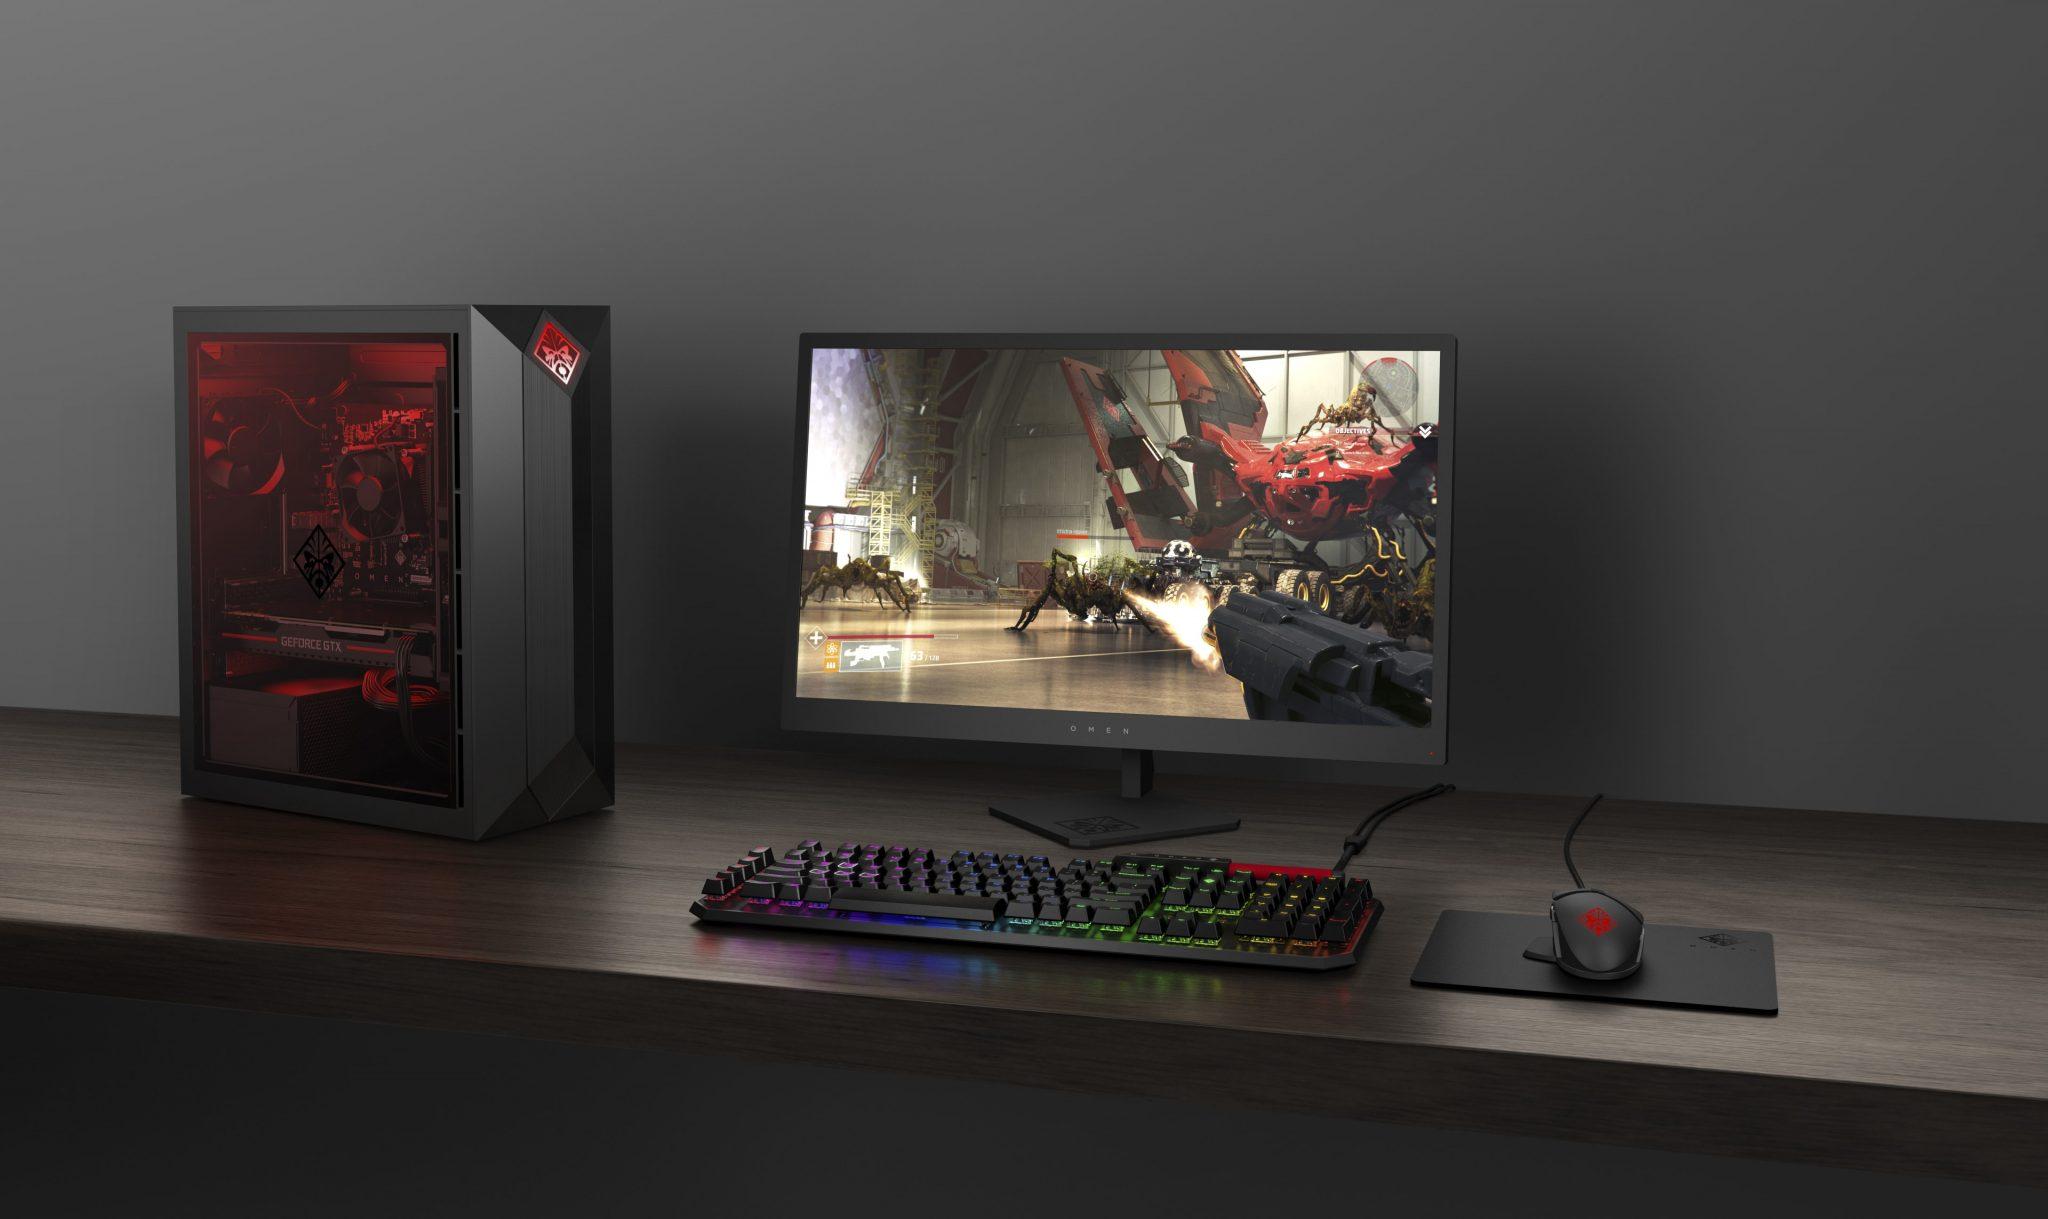 Descubre el OMEN Obelisk, el nuevo PC gaming de HP